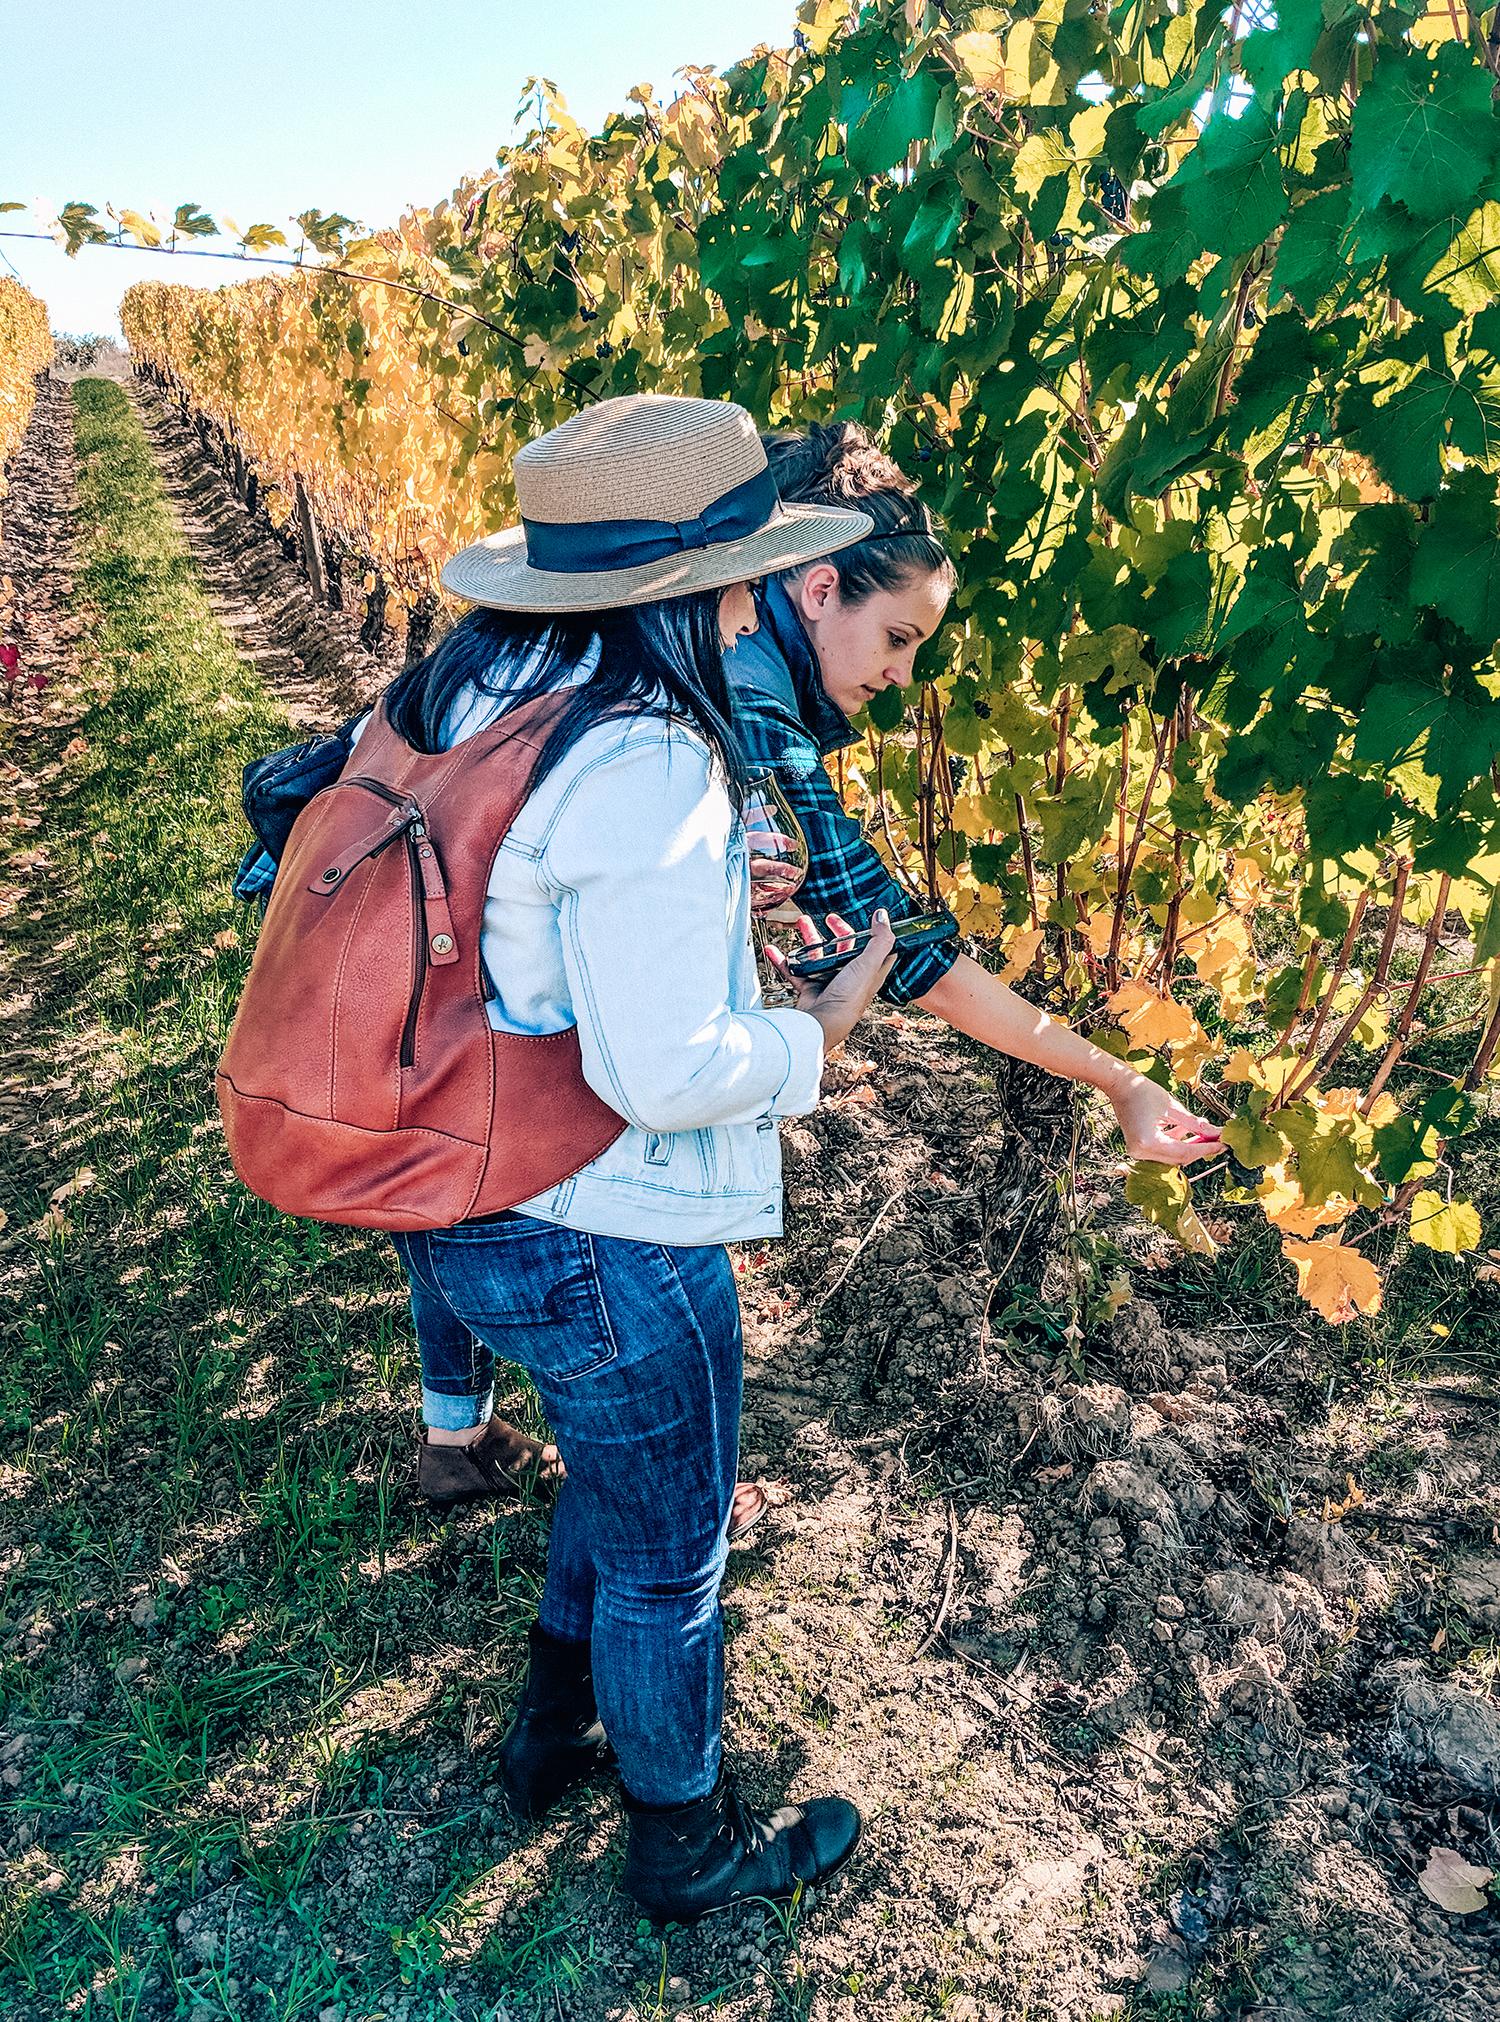 Adelsheim vines learning